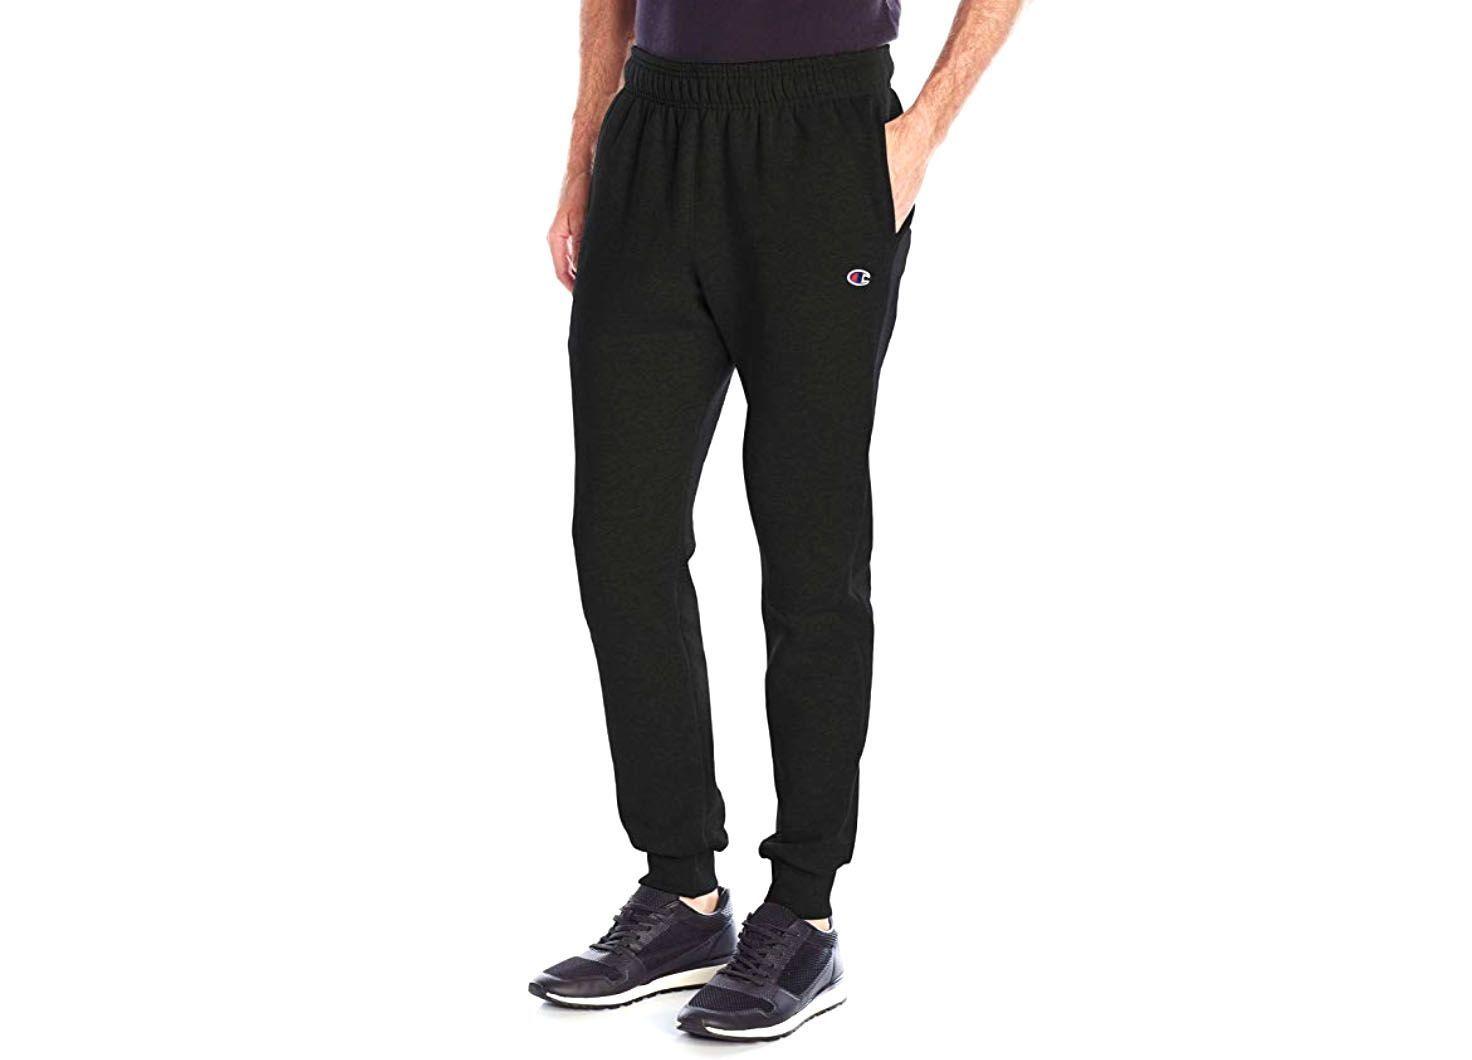 1c3773b3a7133 Best Running Leggings - Workout Pants 2019